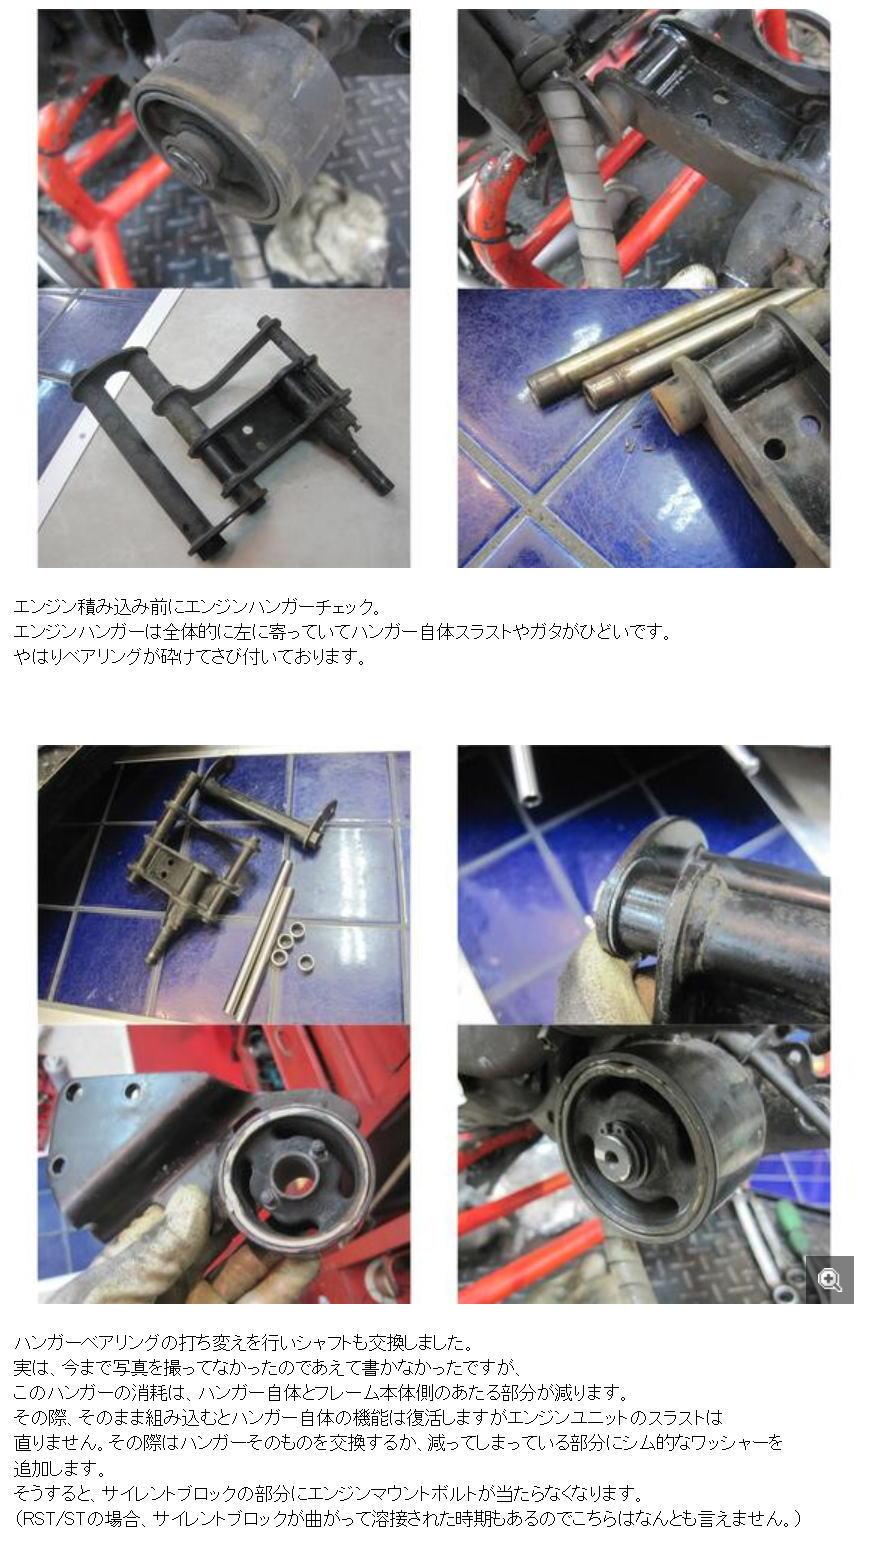 【考察】エンジンハンガーとエンジンマウントボルト干渉 GILERA RUNNNER VX125RST